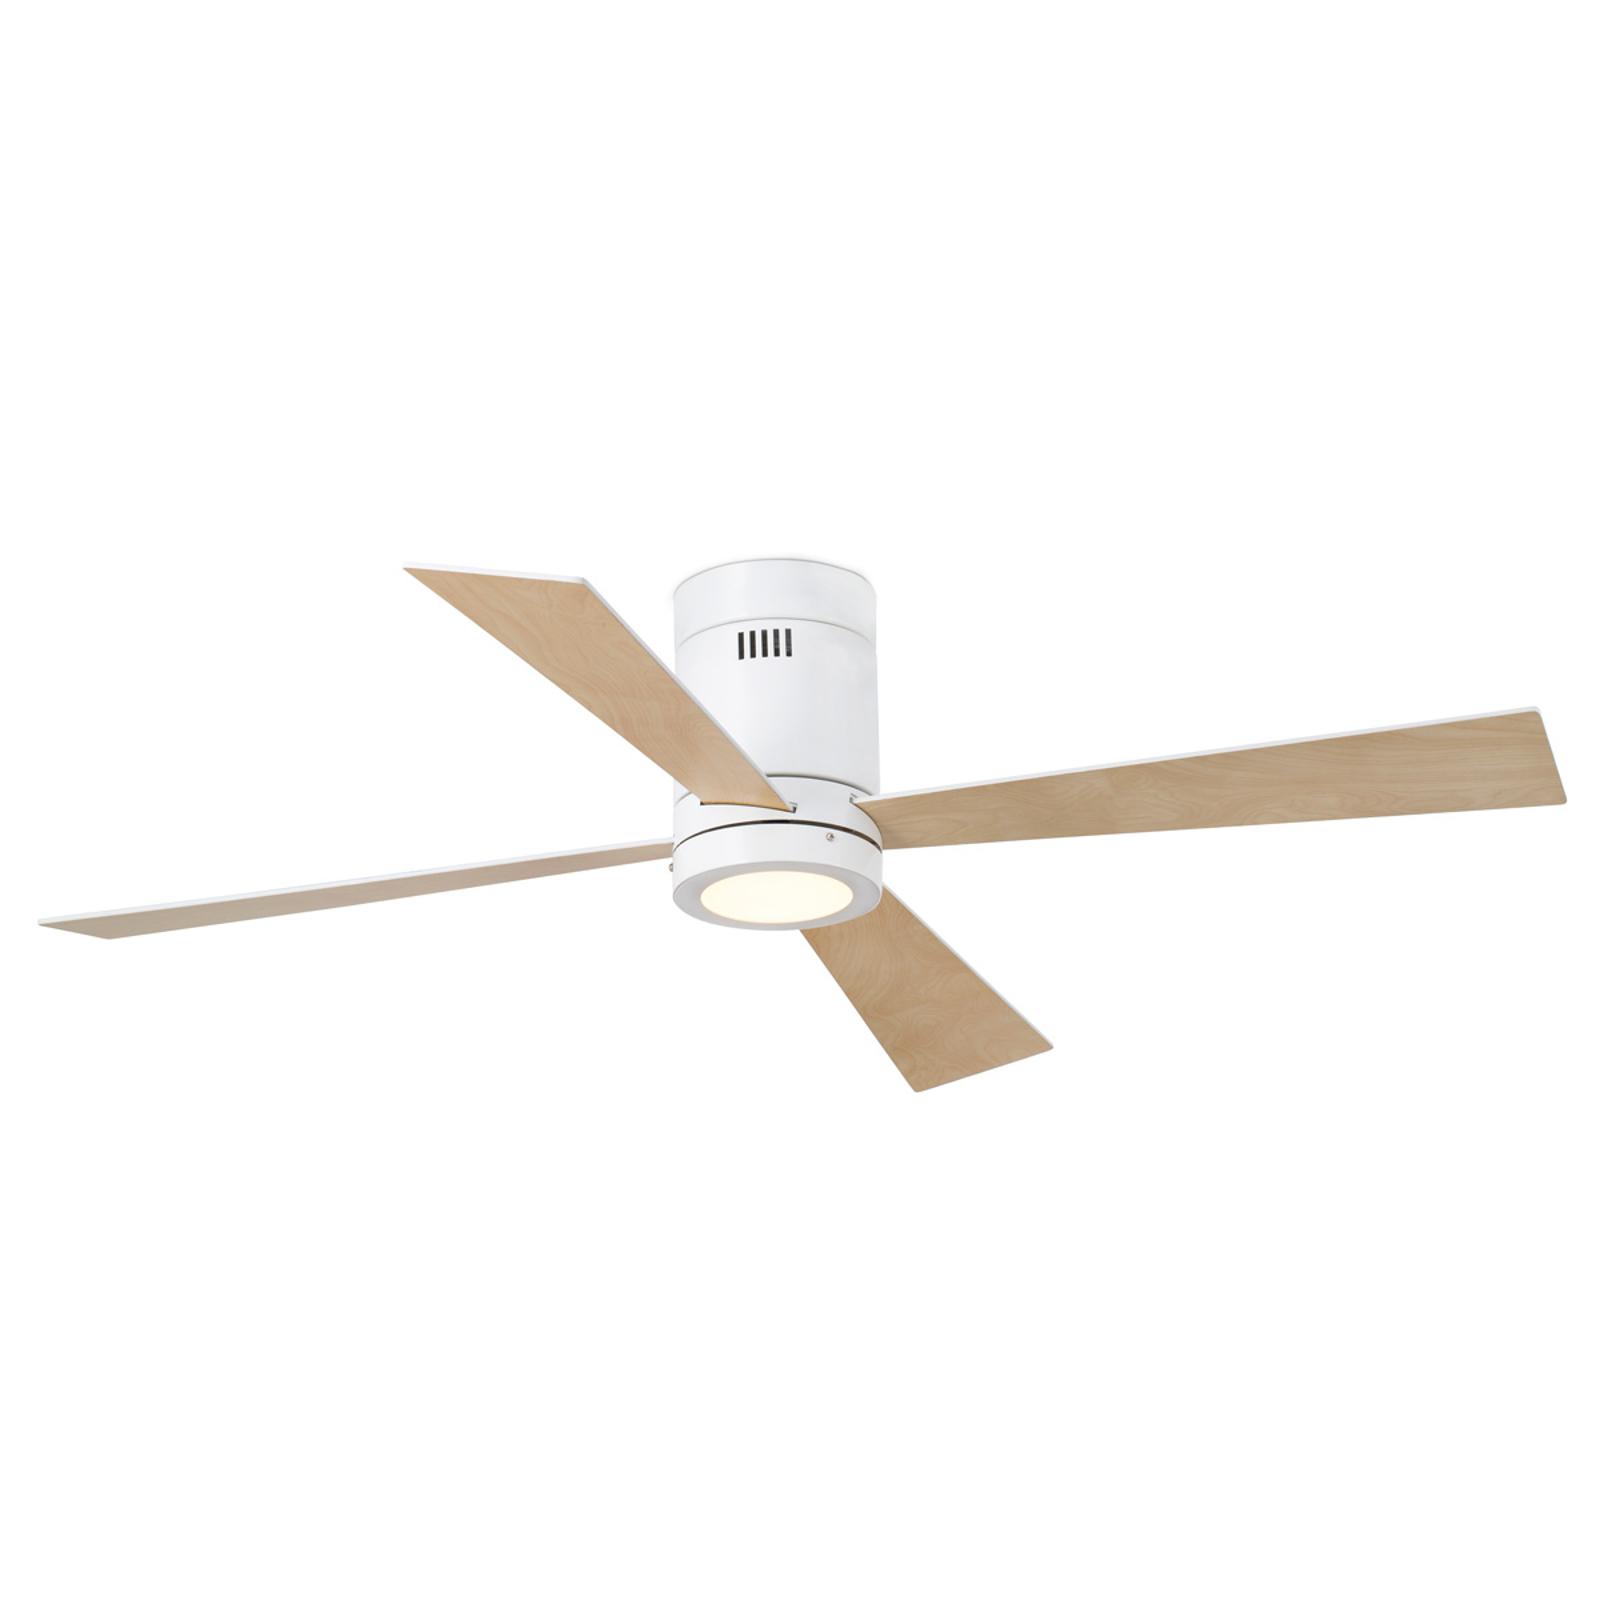 Stropný ventilátor Timor so štyrmi lopatkami s LED_3507151_1